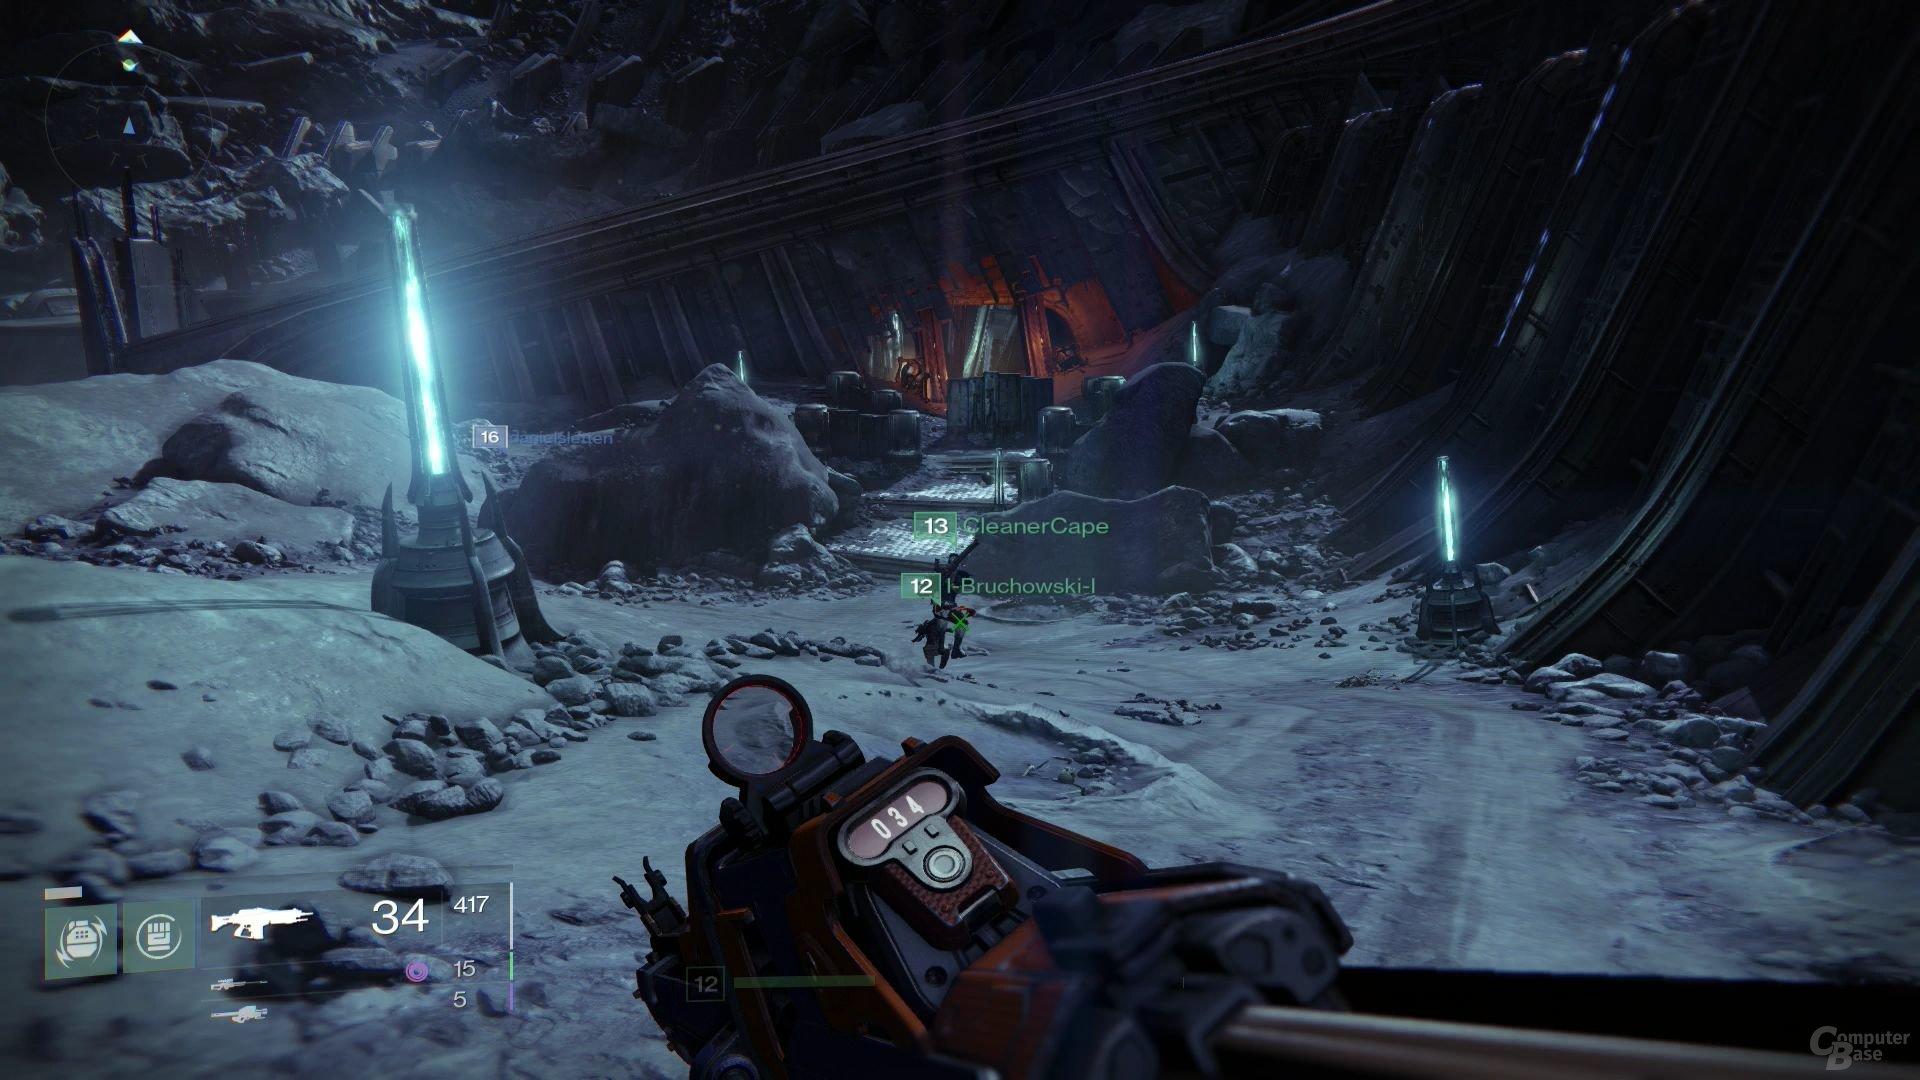 Die Strike-Missionen animieren kaum zum mehrmaligen Spiel